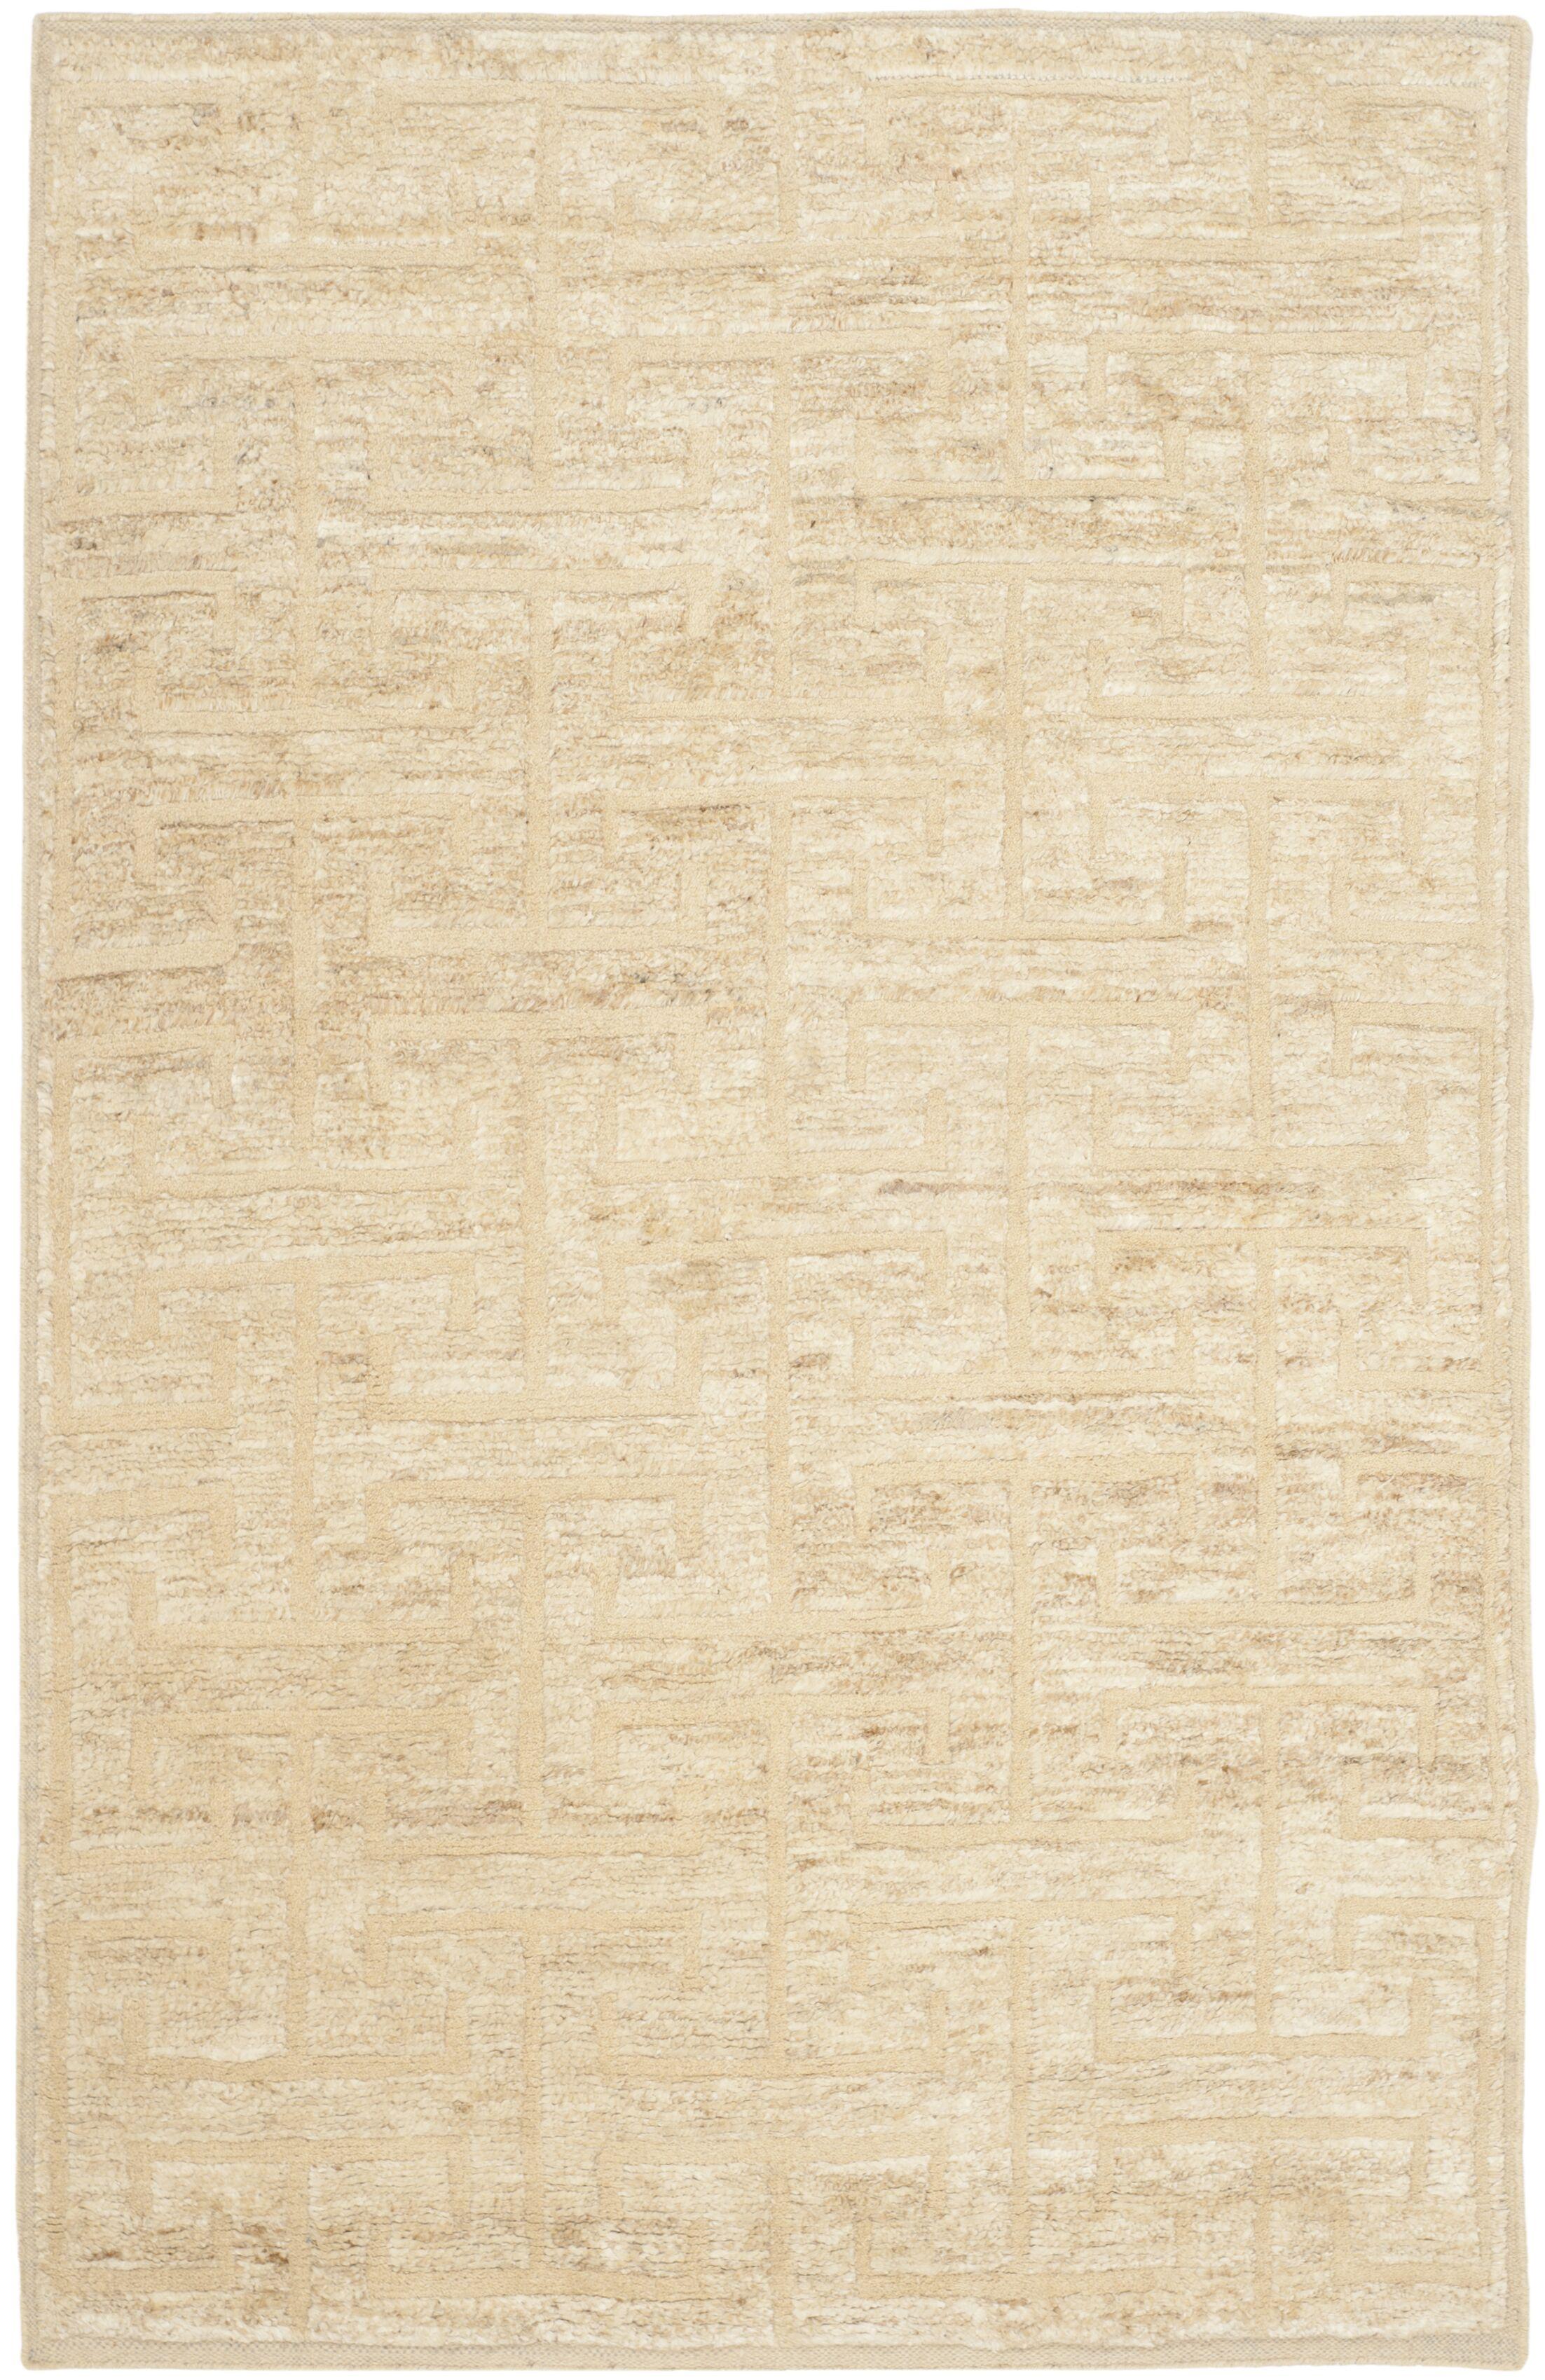 Elise Ivory/Beige Area Rug Rug Size: Rectangle 8' x 10'